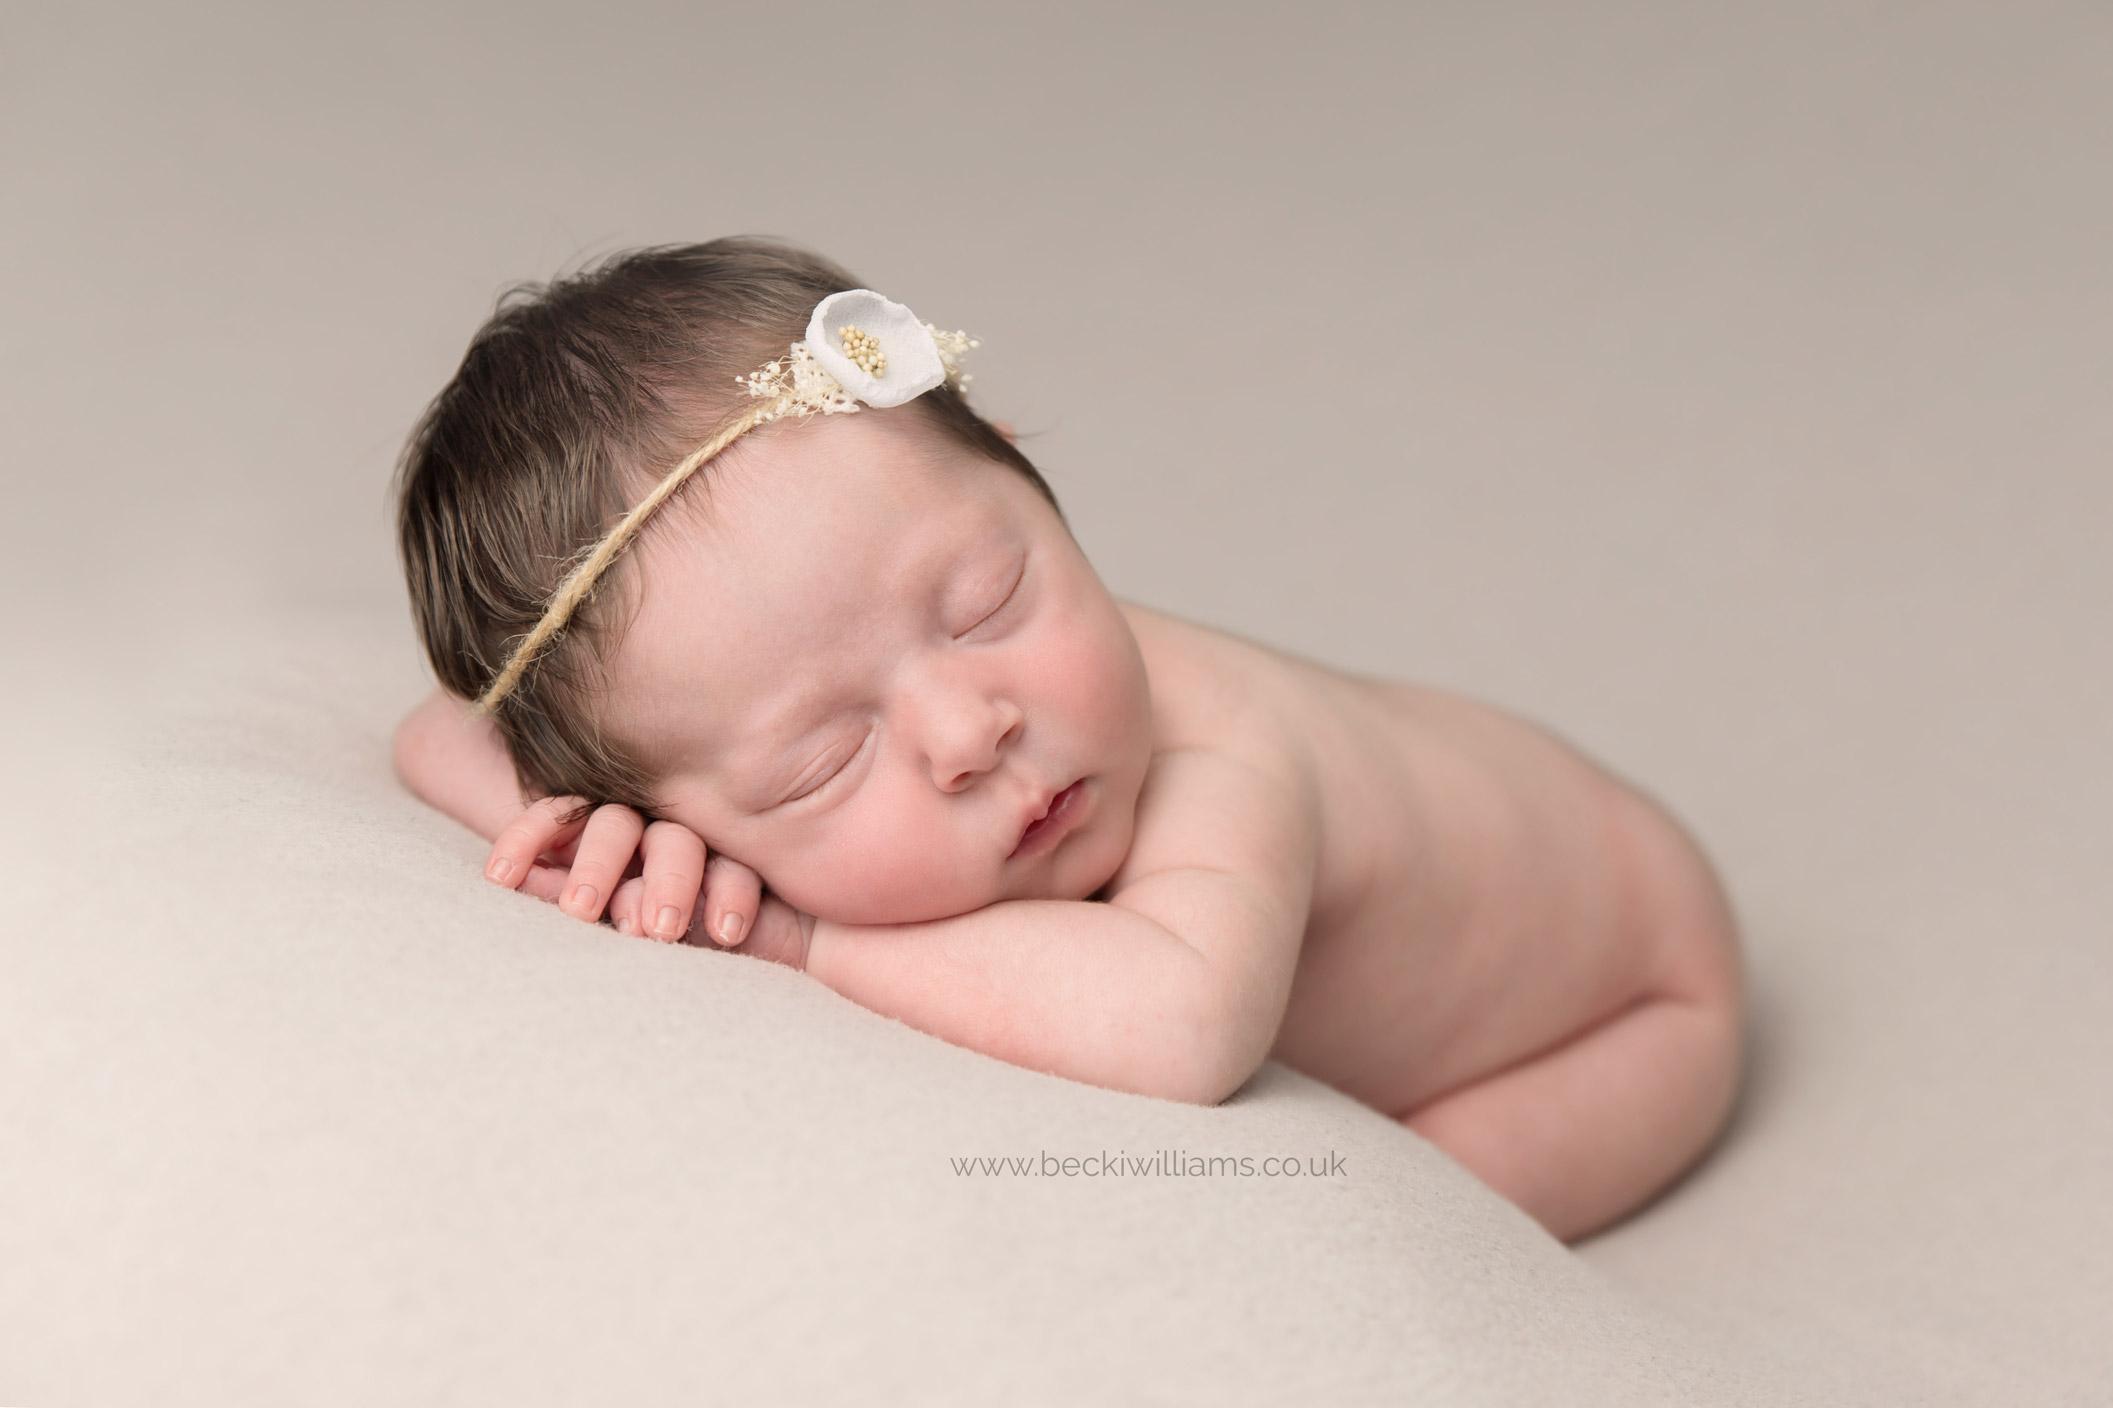 Newborn baby girl wears white headband during her baby photo shoot in Hemel Hempstead